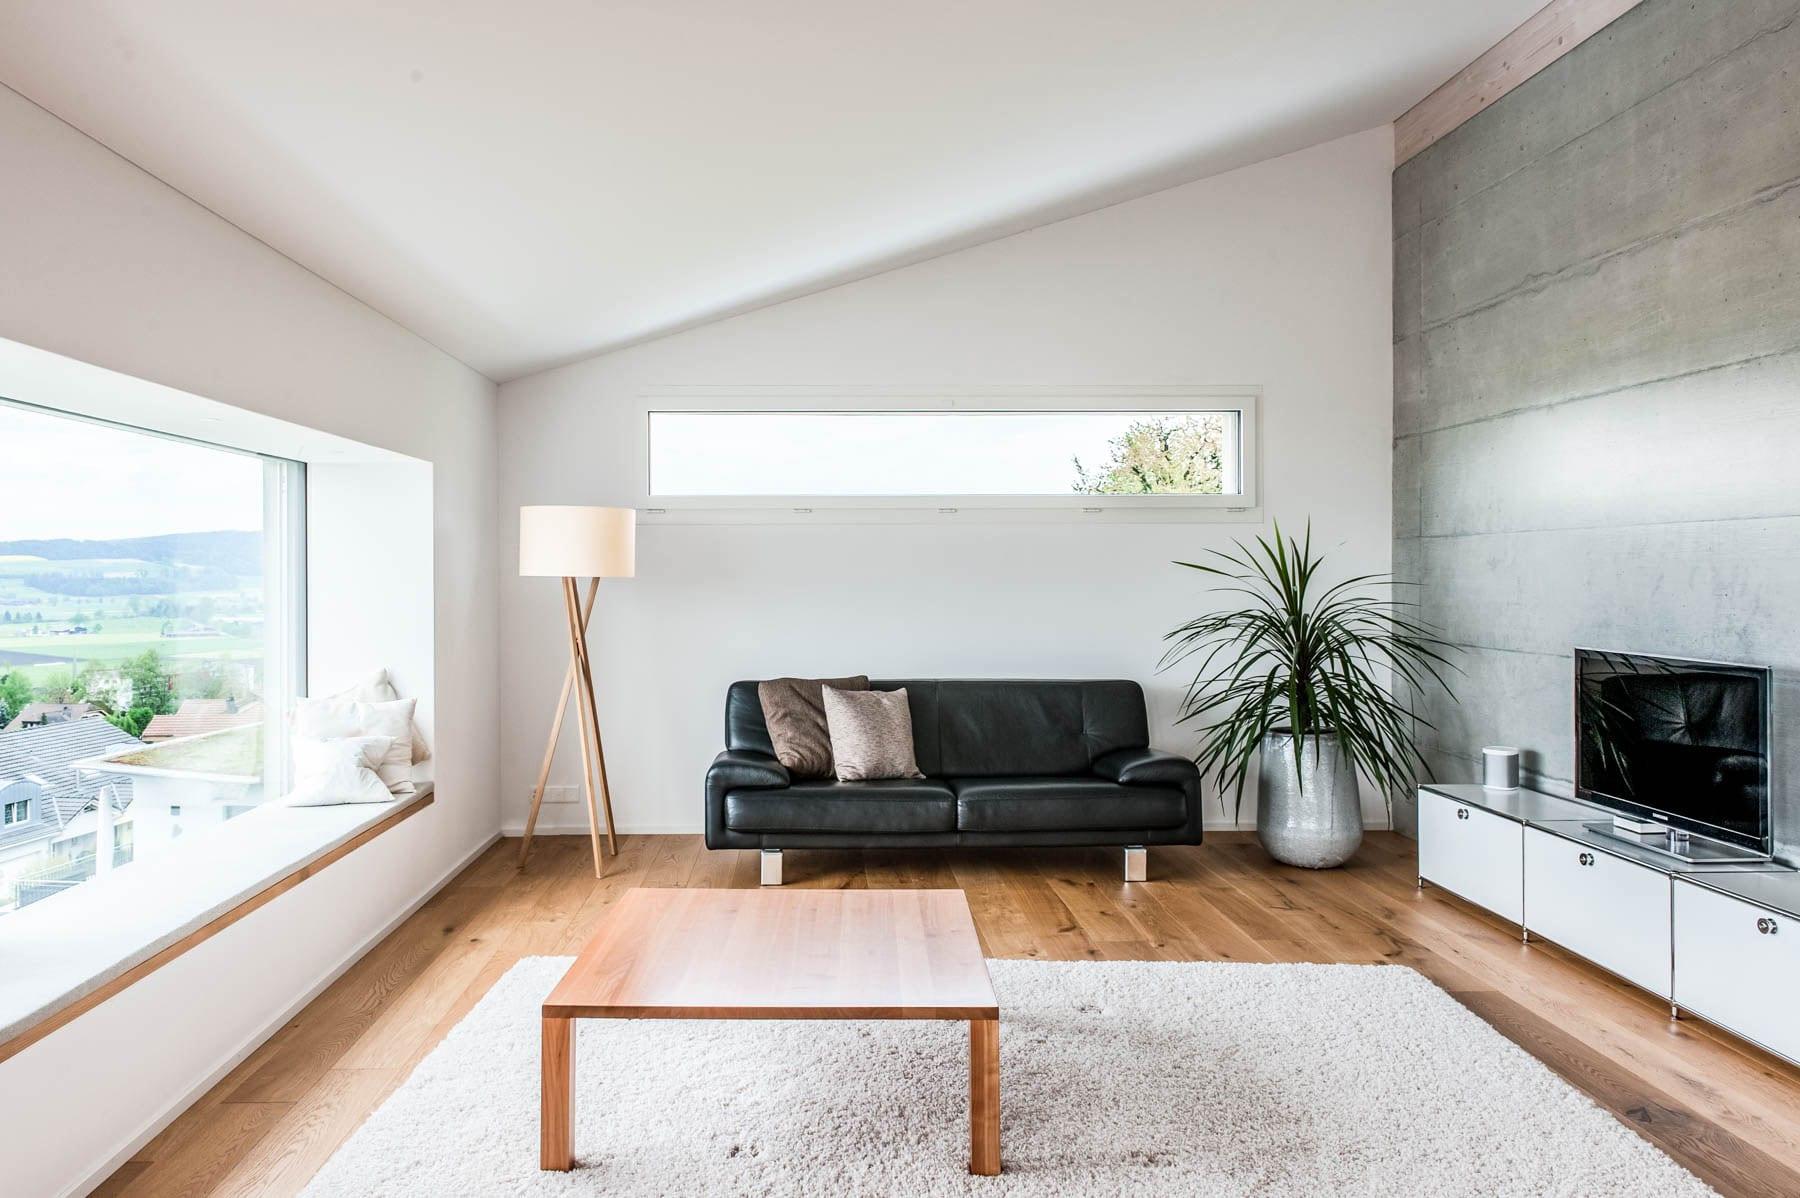 Delussu_Fotografie_Interior_Graf_Architektur